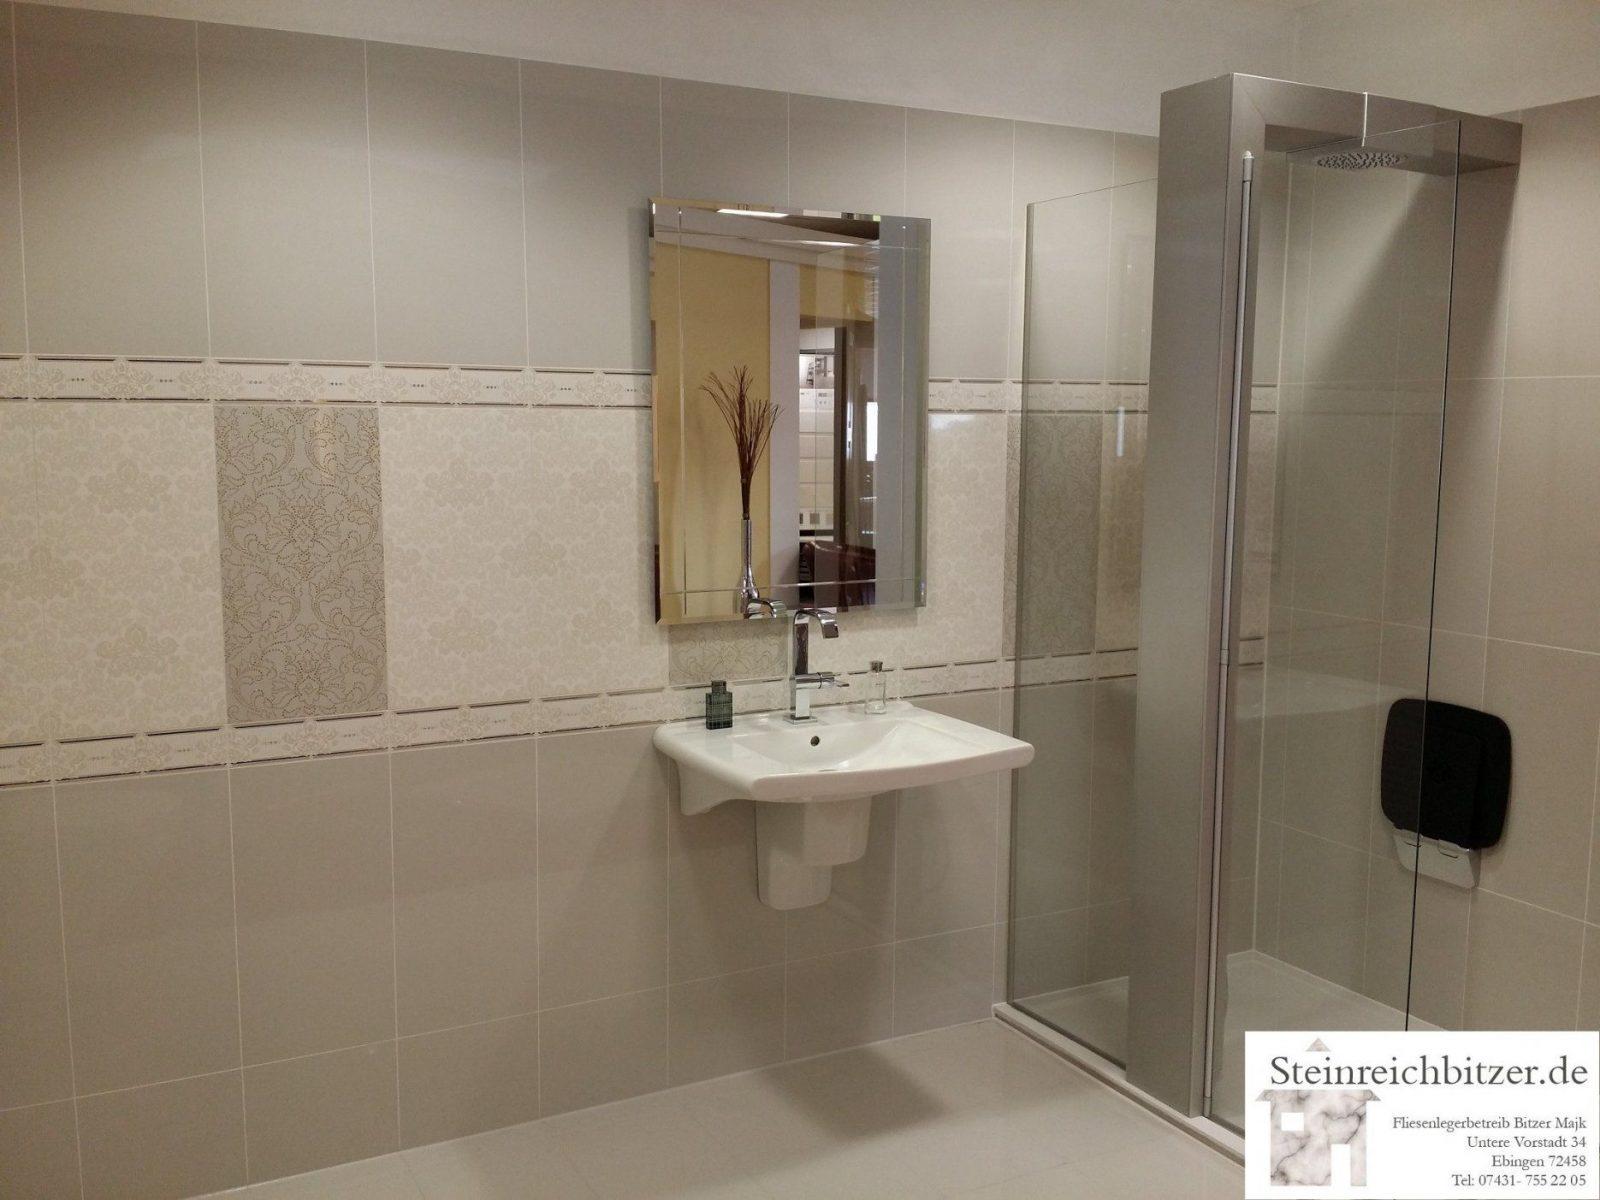 Schöne Bodengleiche Dusche Nachträglich Einbauen Wohndesign Cool von Bodengleiche Dusche Nachträglich Einbauen Kosten Bild